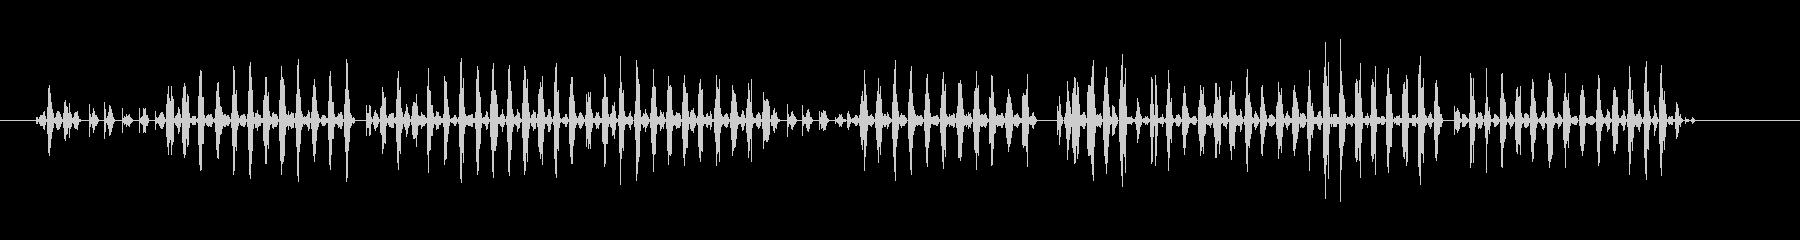 ファイル-金属-楽器の未再生の波形